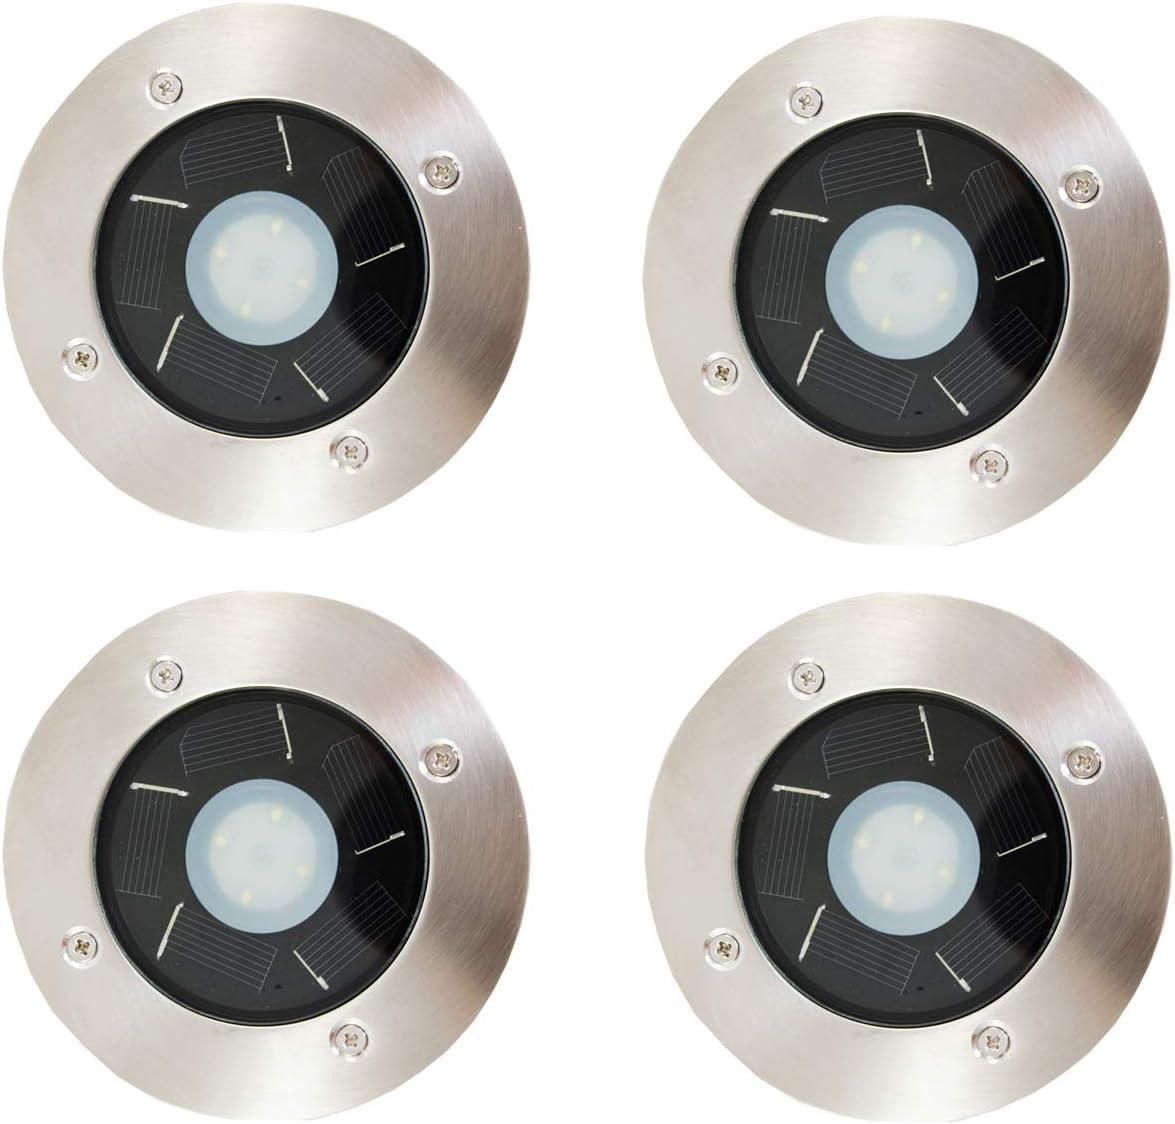 FORCETEK 4-Pack Solar Power Outdoor Stainless Steel 4 LED Step Deck Light